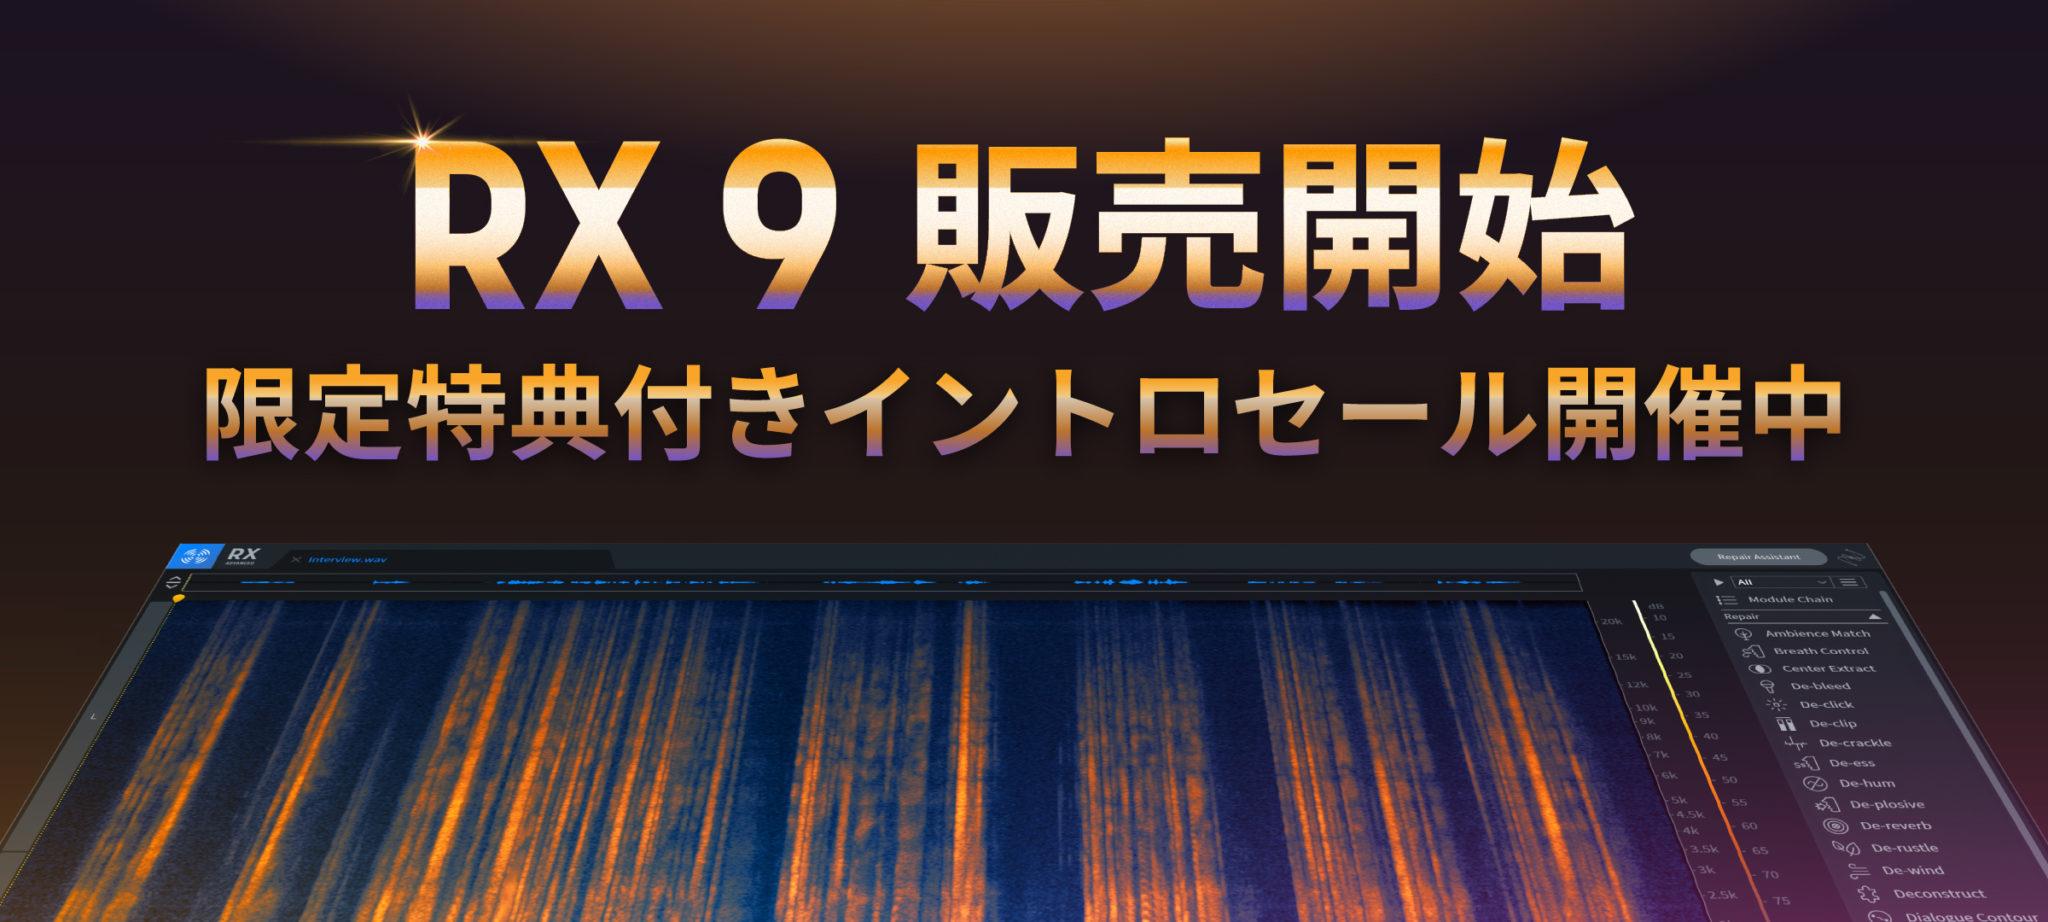 【最大75%OFF】業界標準オーディオリペアツール iZotope RX 9 発売!イントロセール開催中!